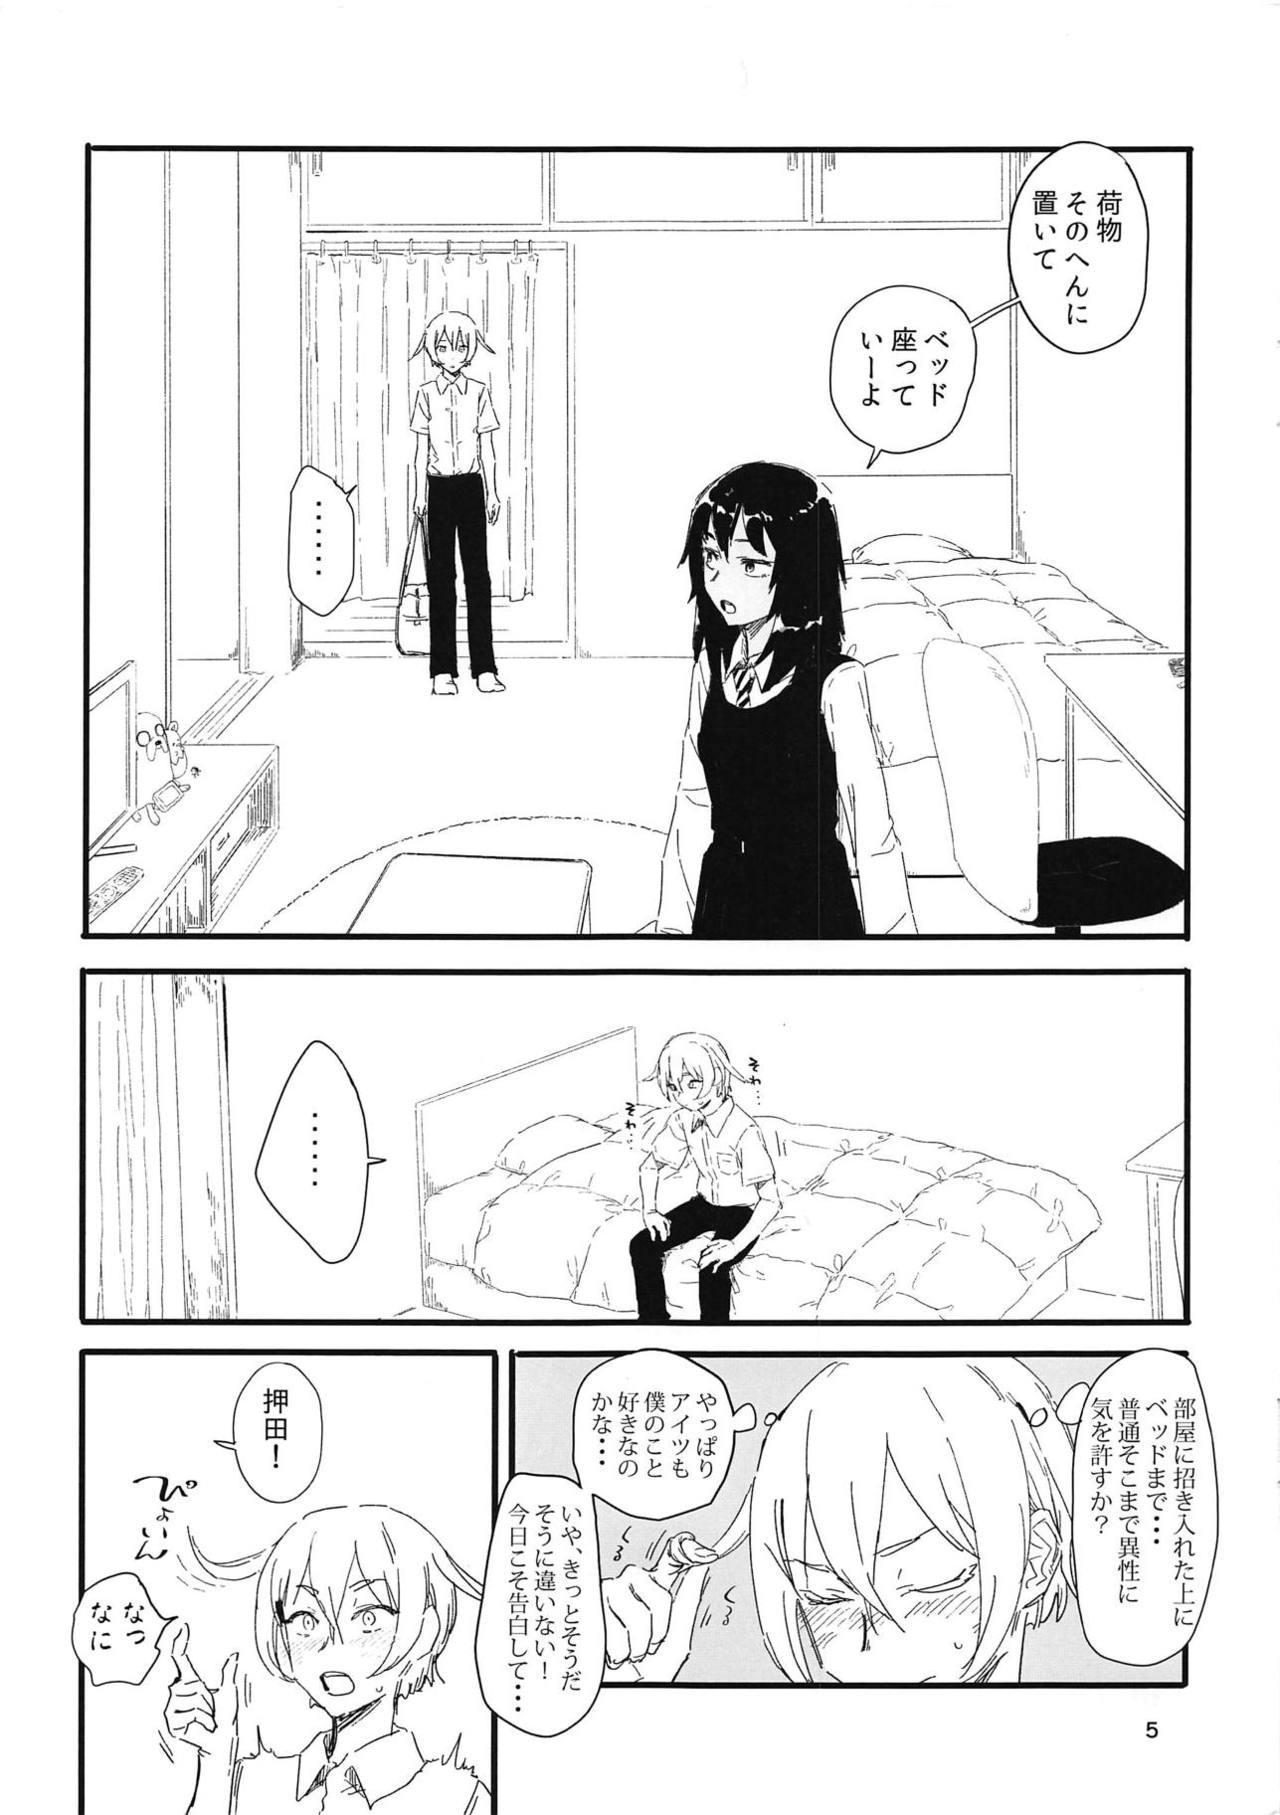 Oshida-kun no Shiroi no 3